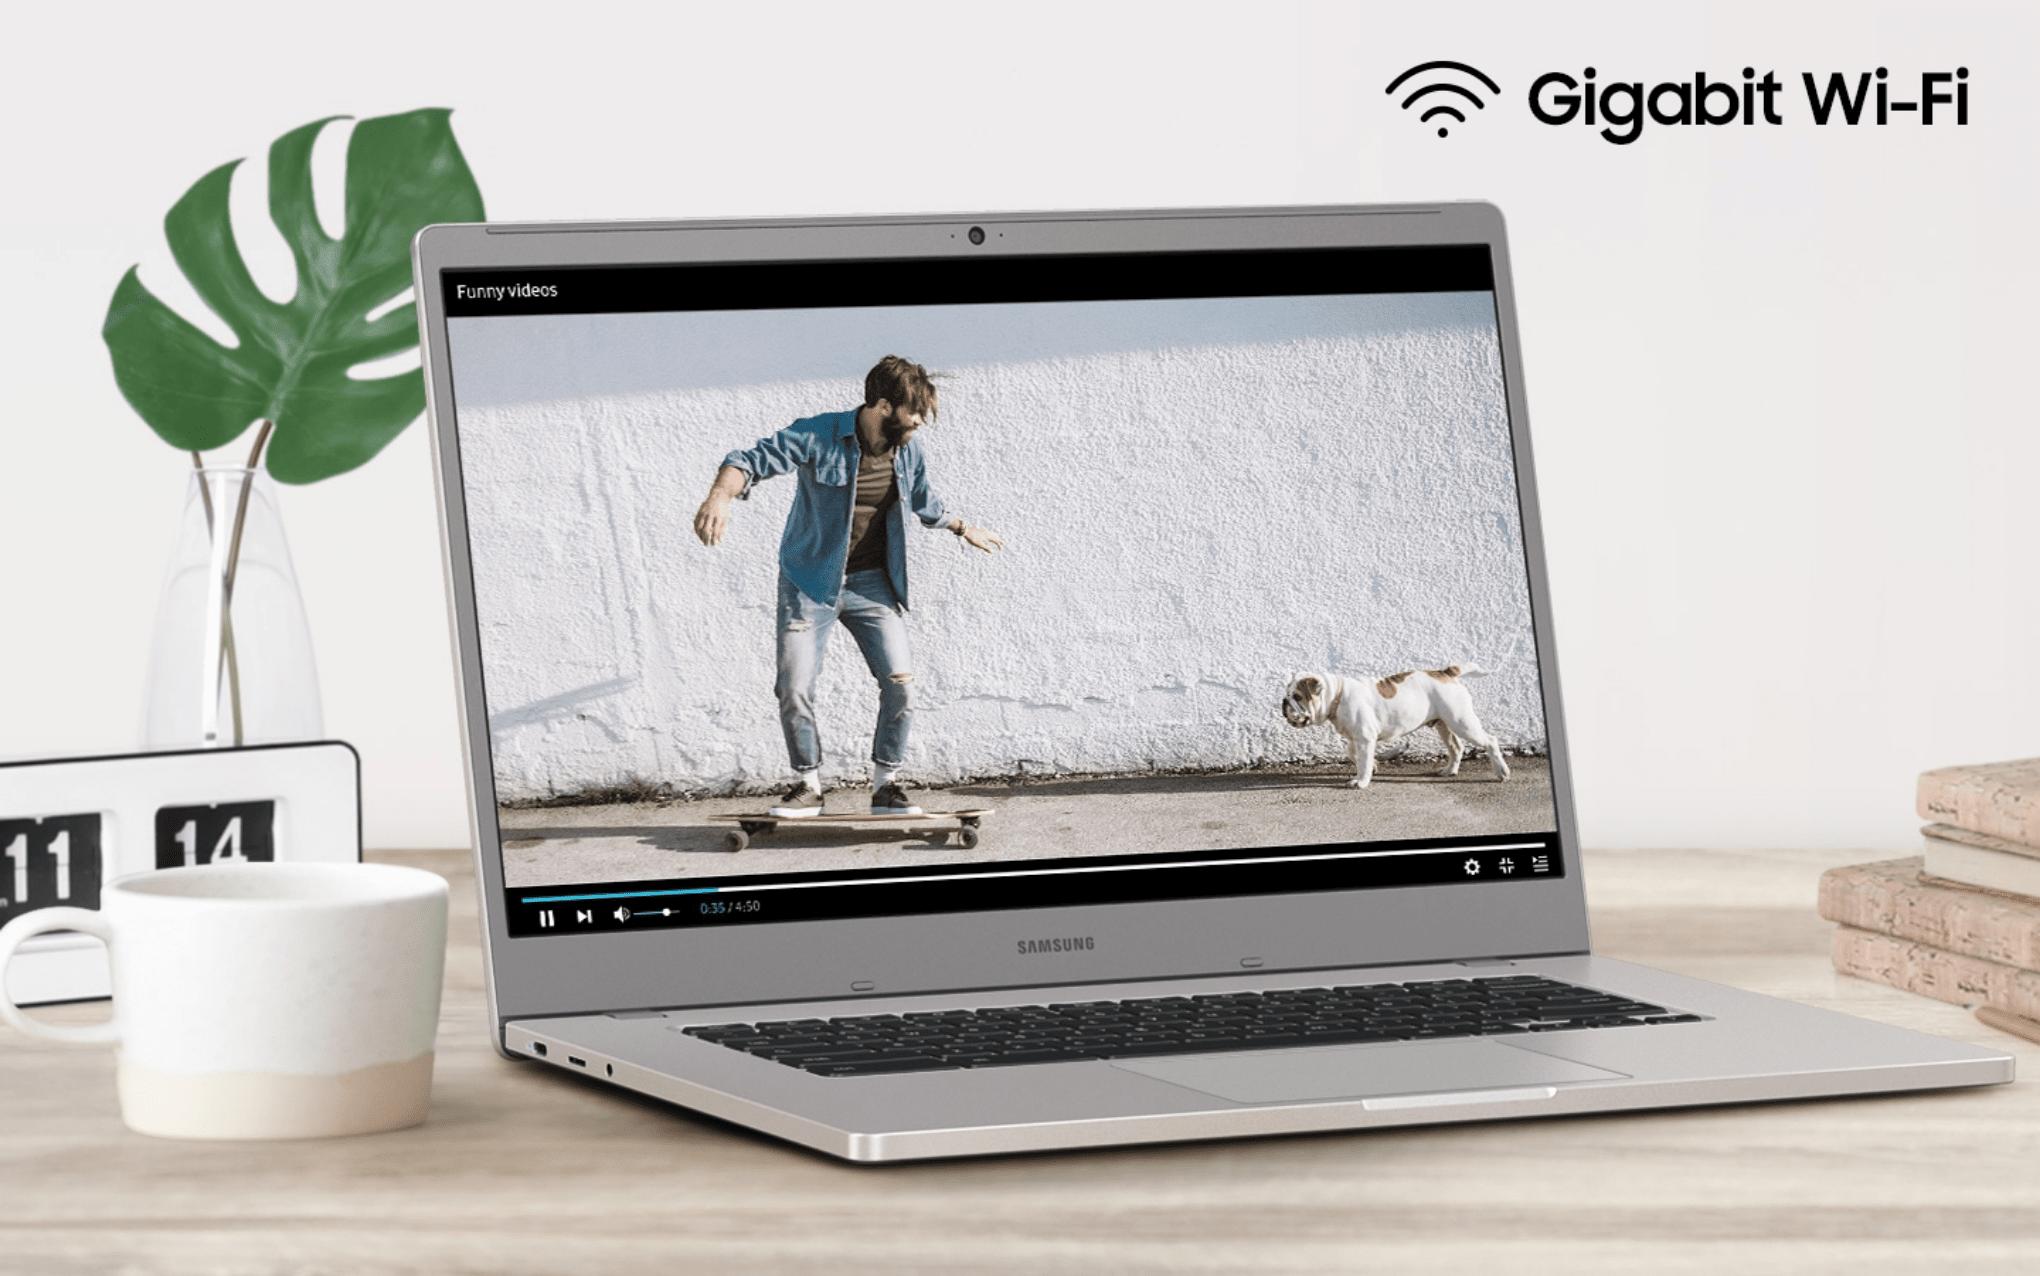 gigabit-wifi